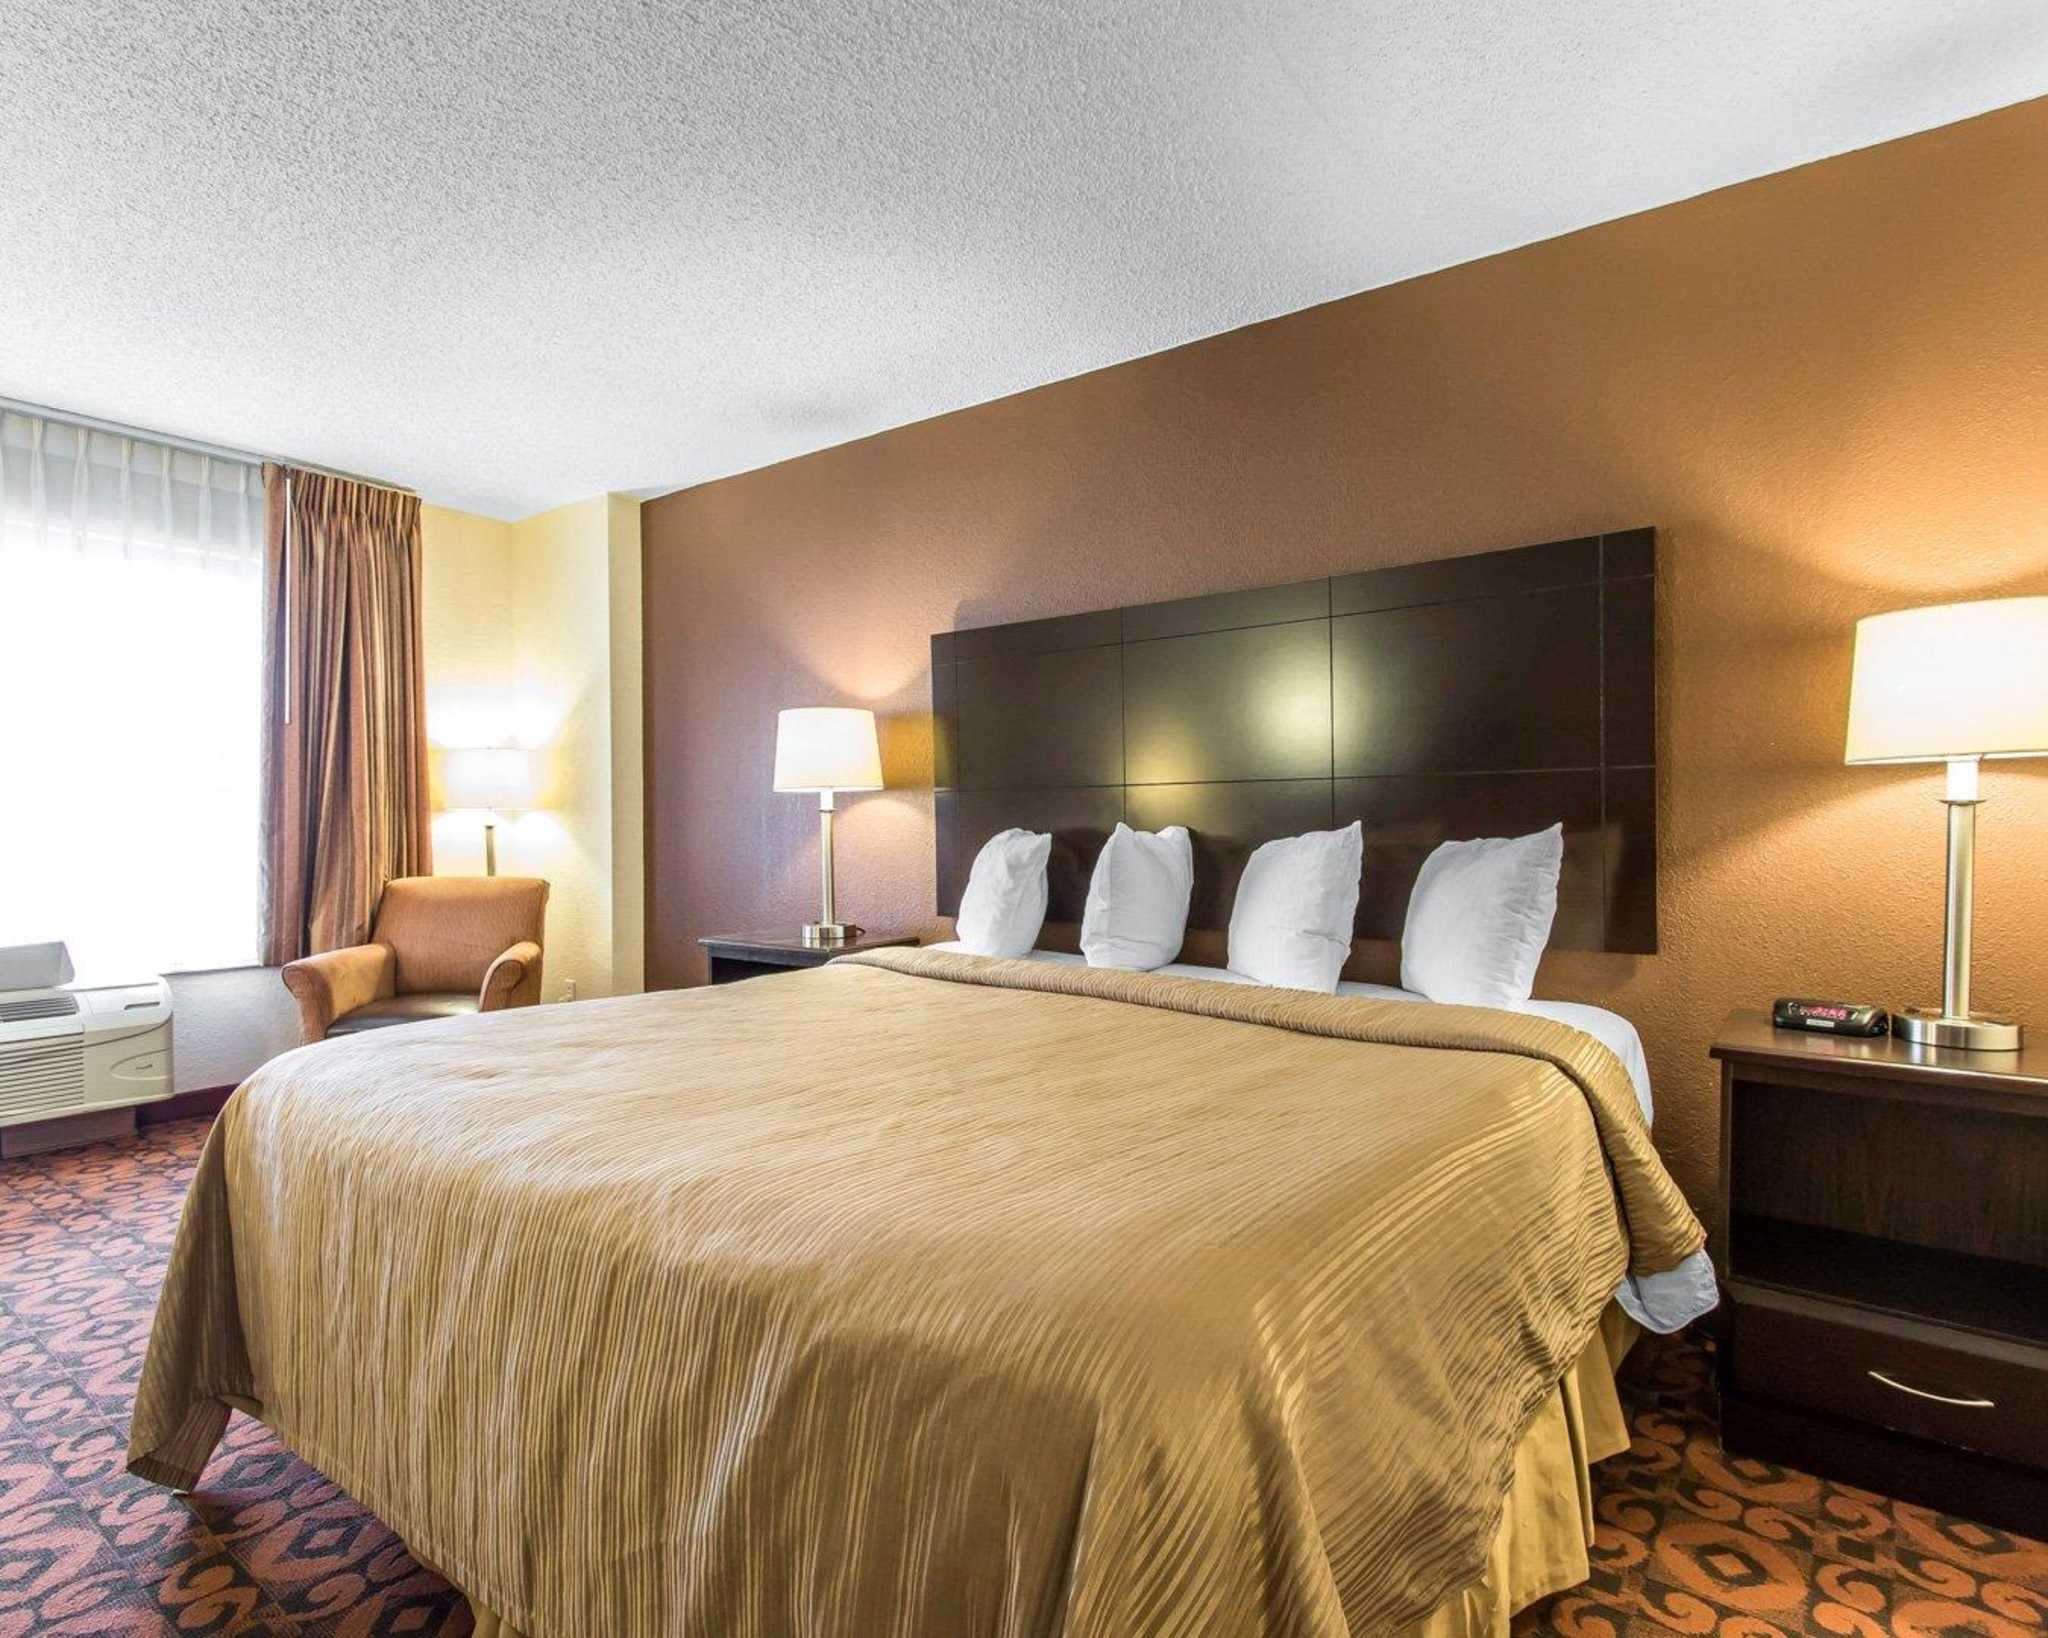 Quality Inn & Suites Fairgrounds West image 13